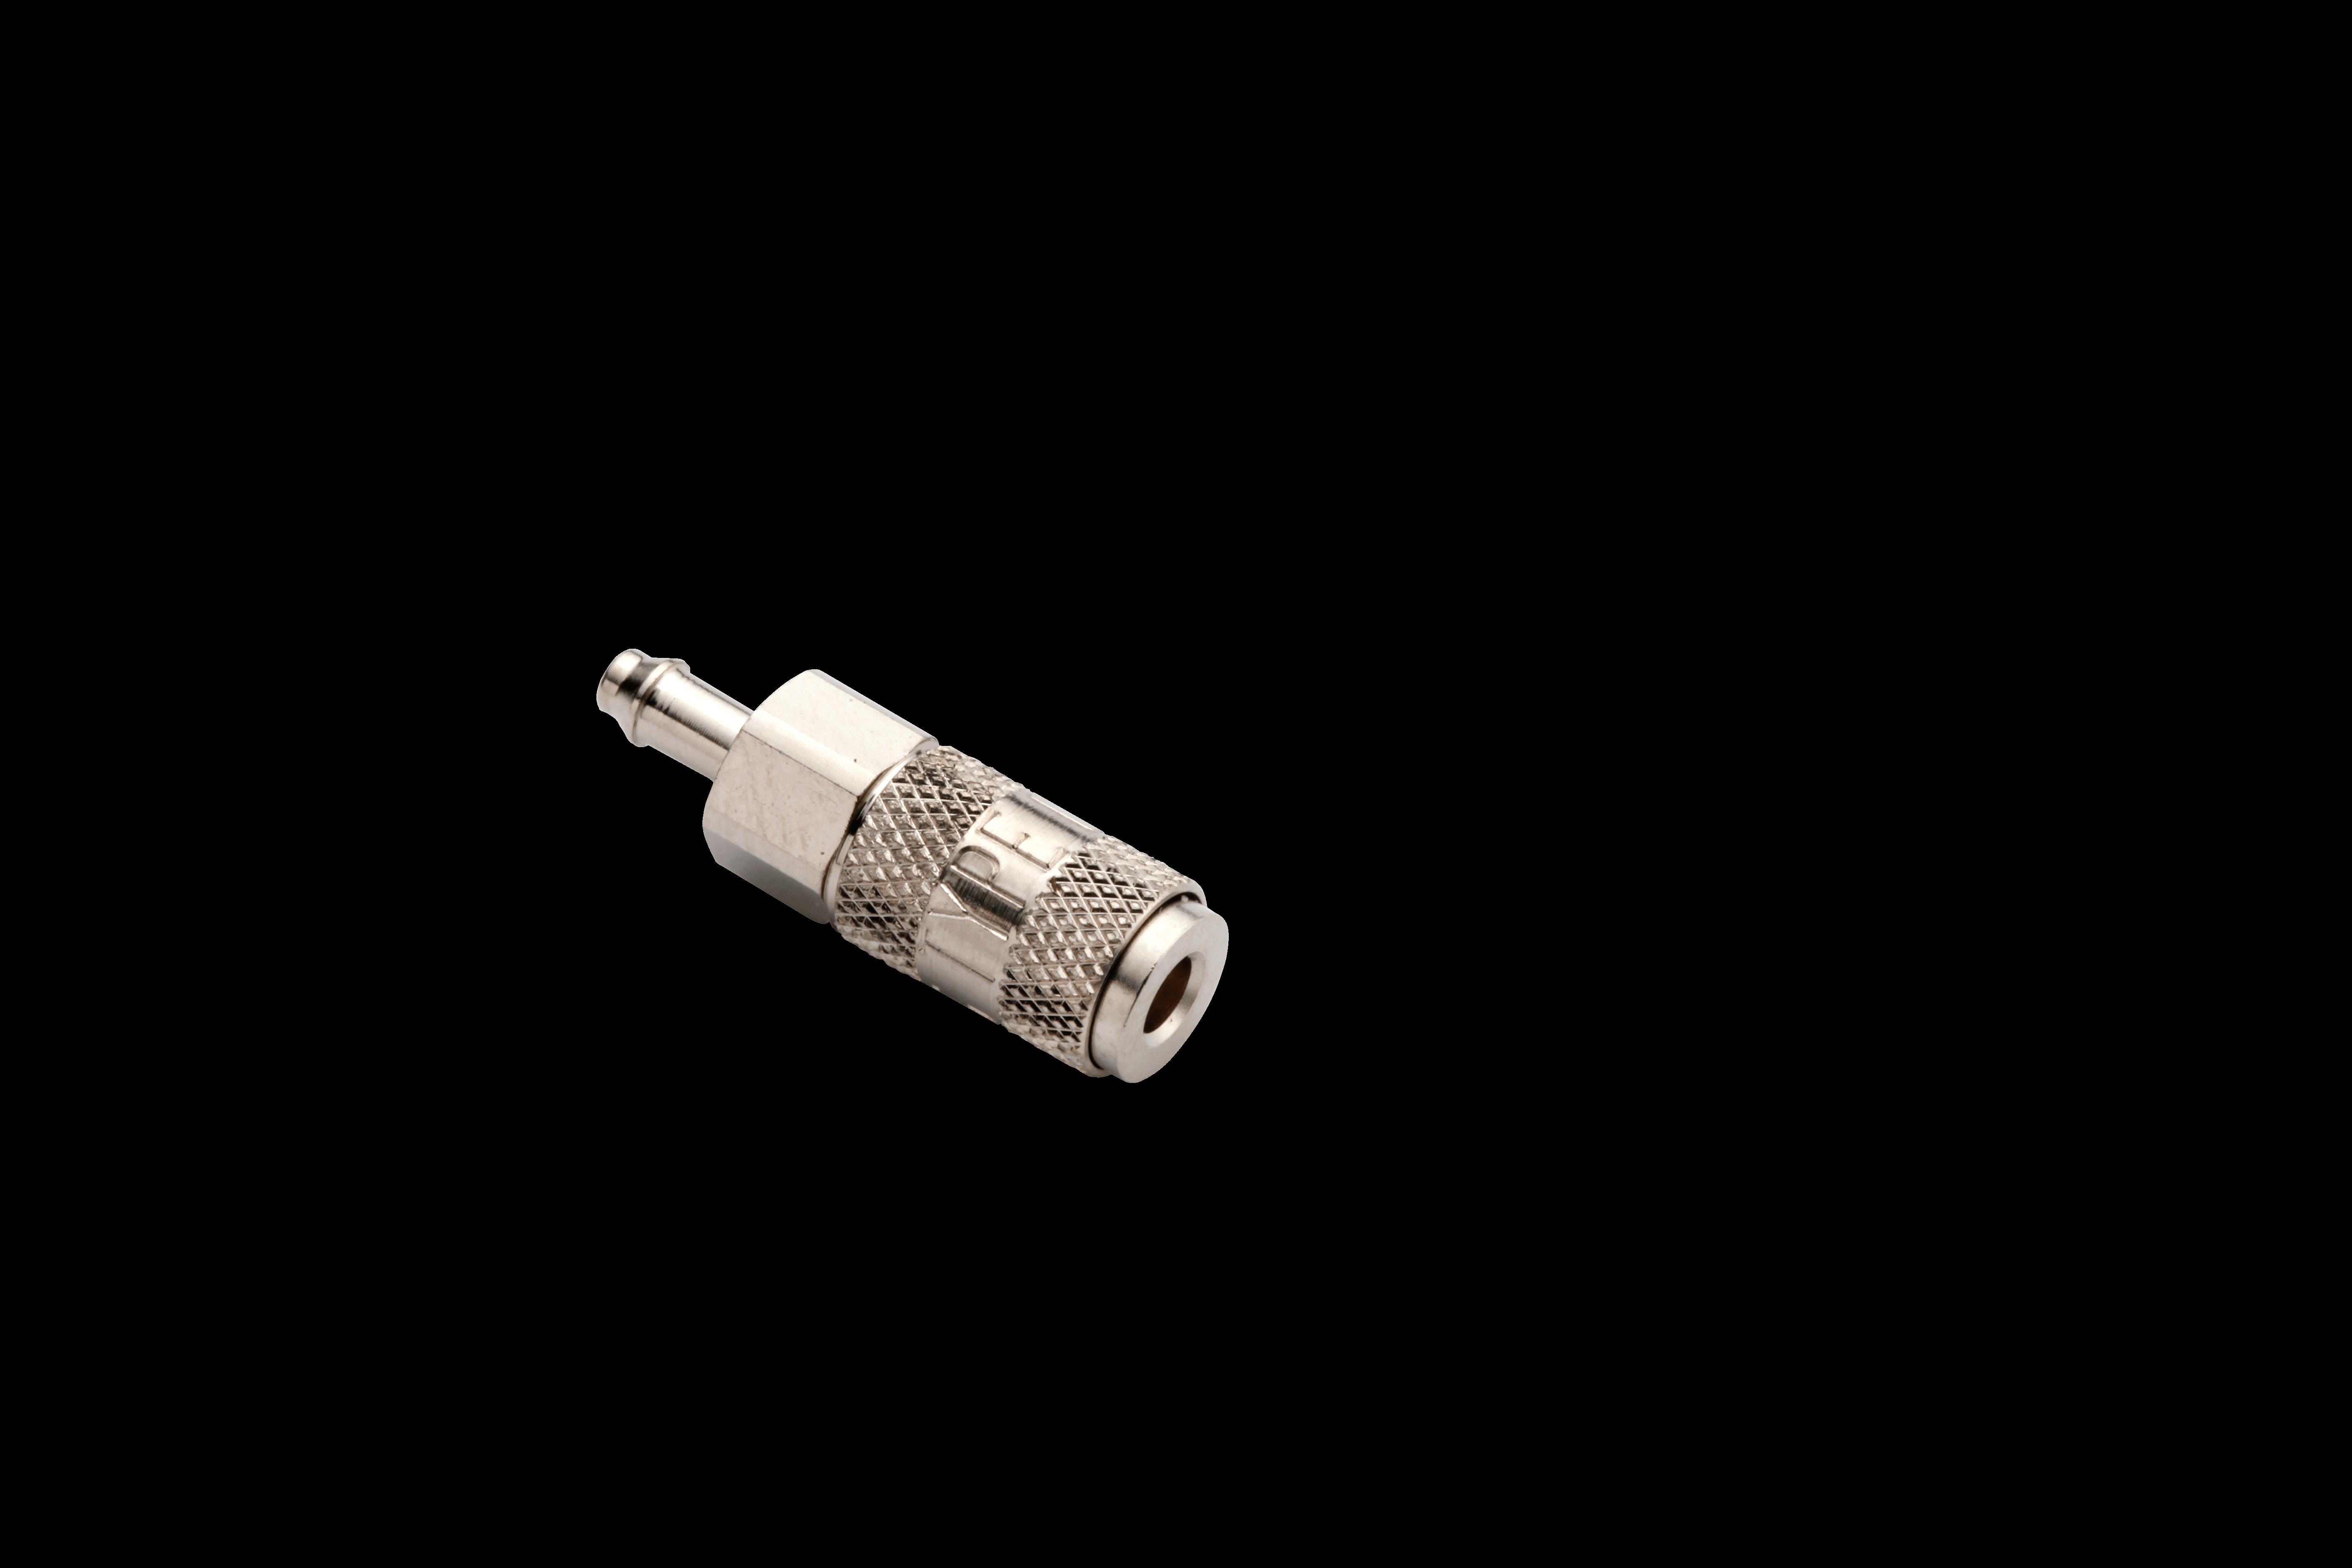 dentoprep_connector_RV5000